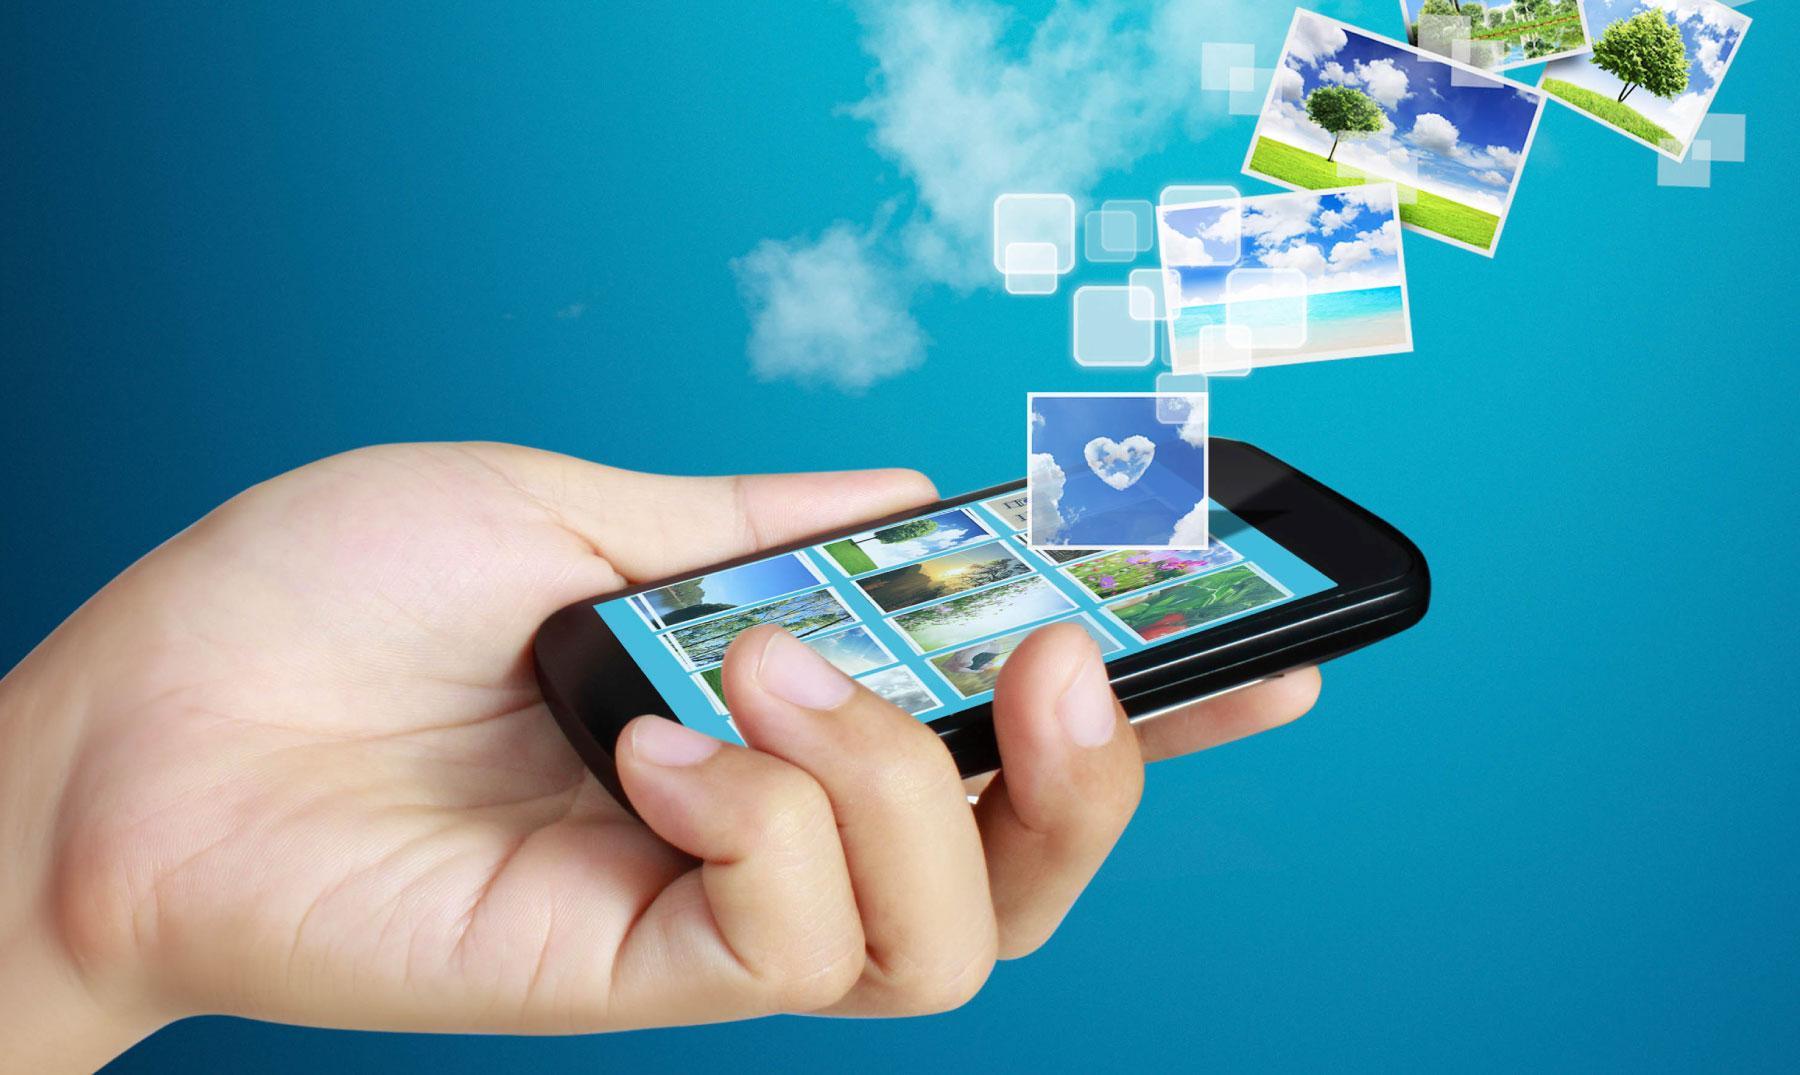 Cómo almacenar todas tus fotos y videos en la nube